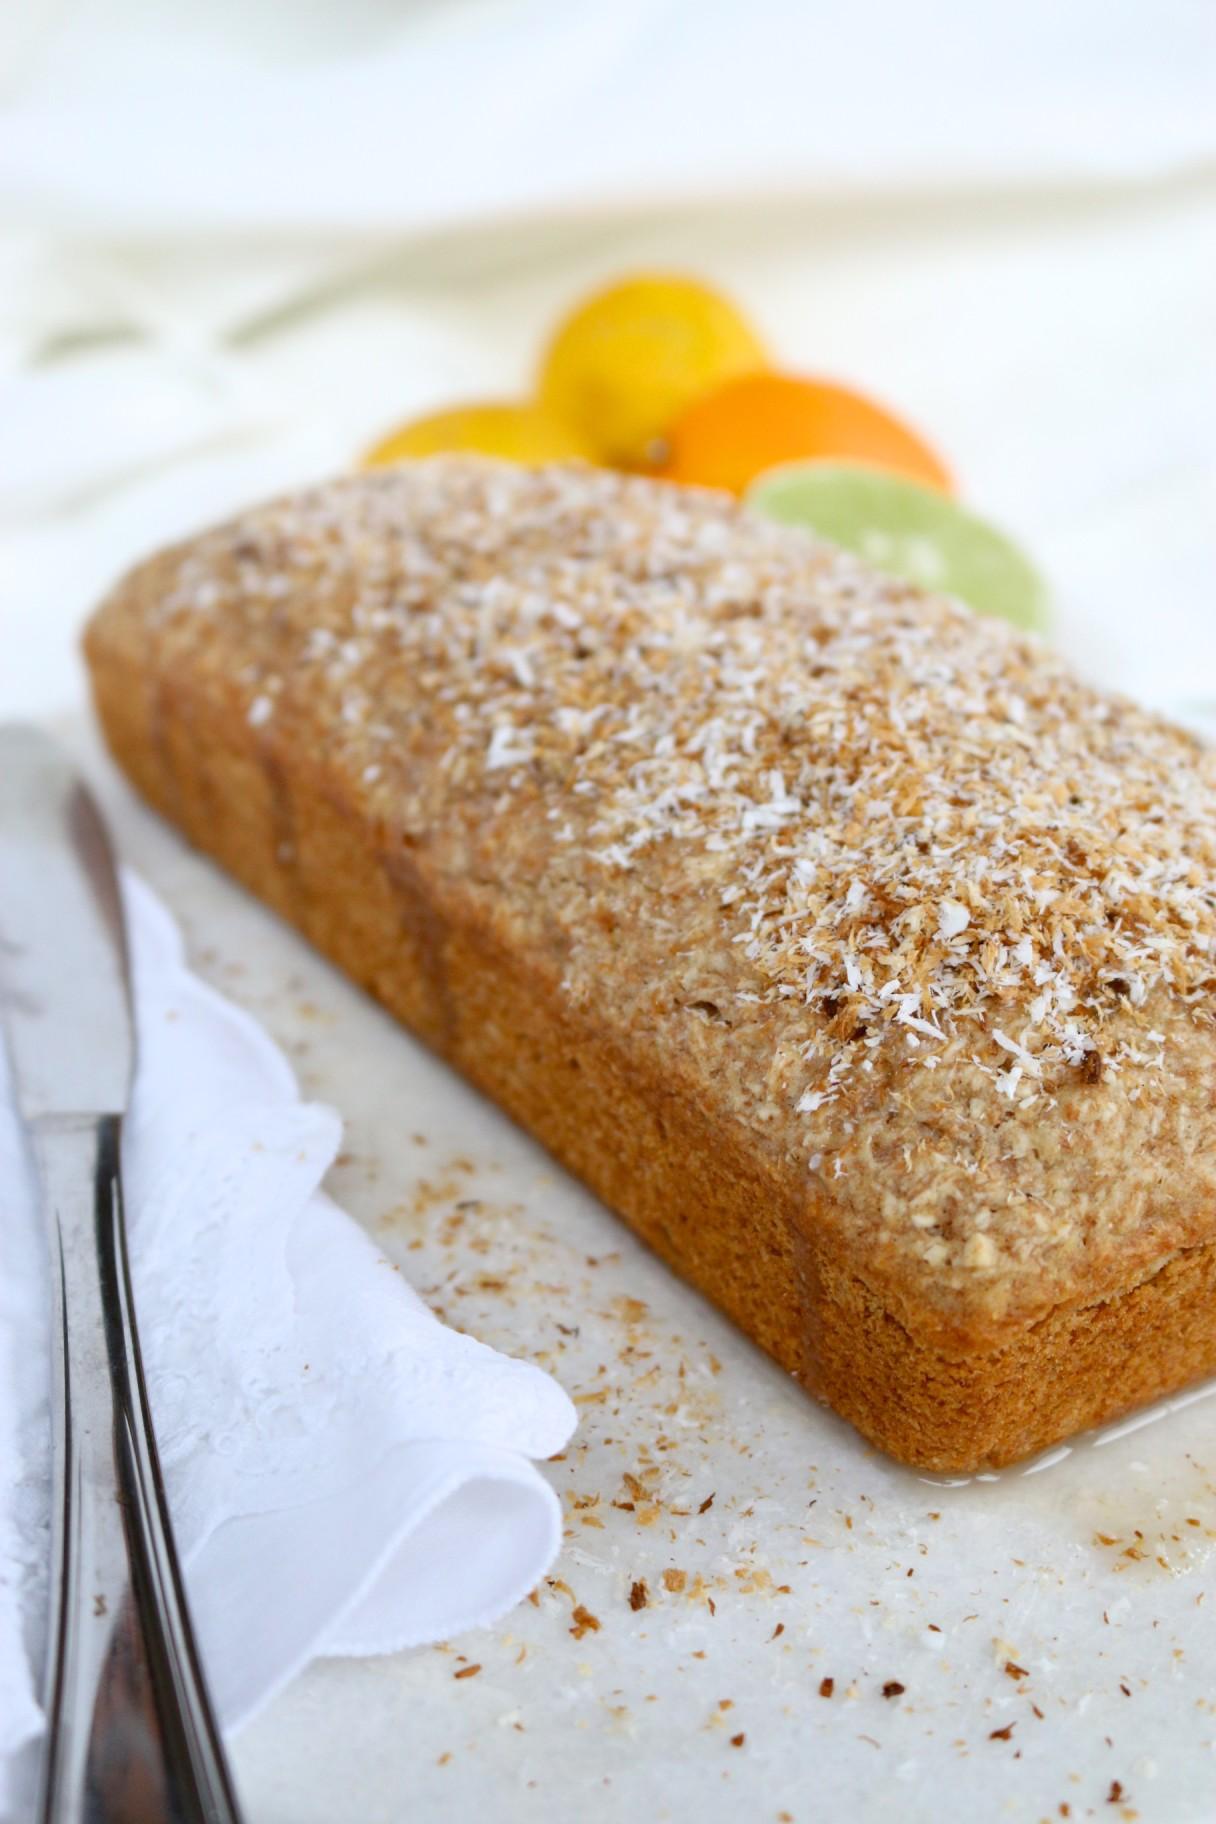 Pan de coco y limón con glace de jugo de limón y espolvoreado con coco tostado-piloncilloyvainilla.com